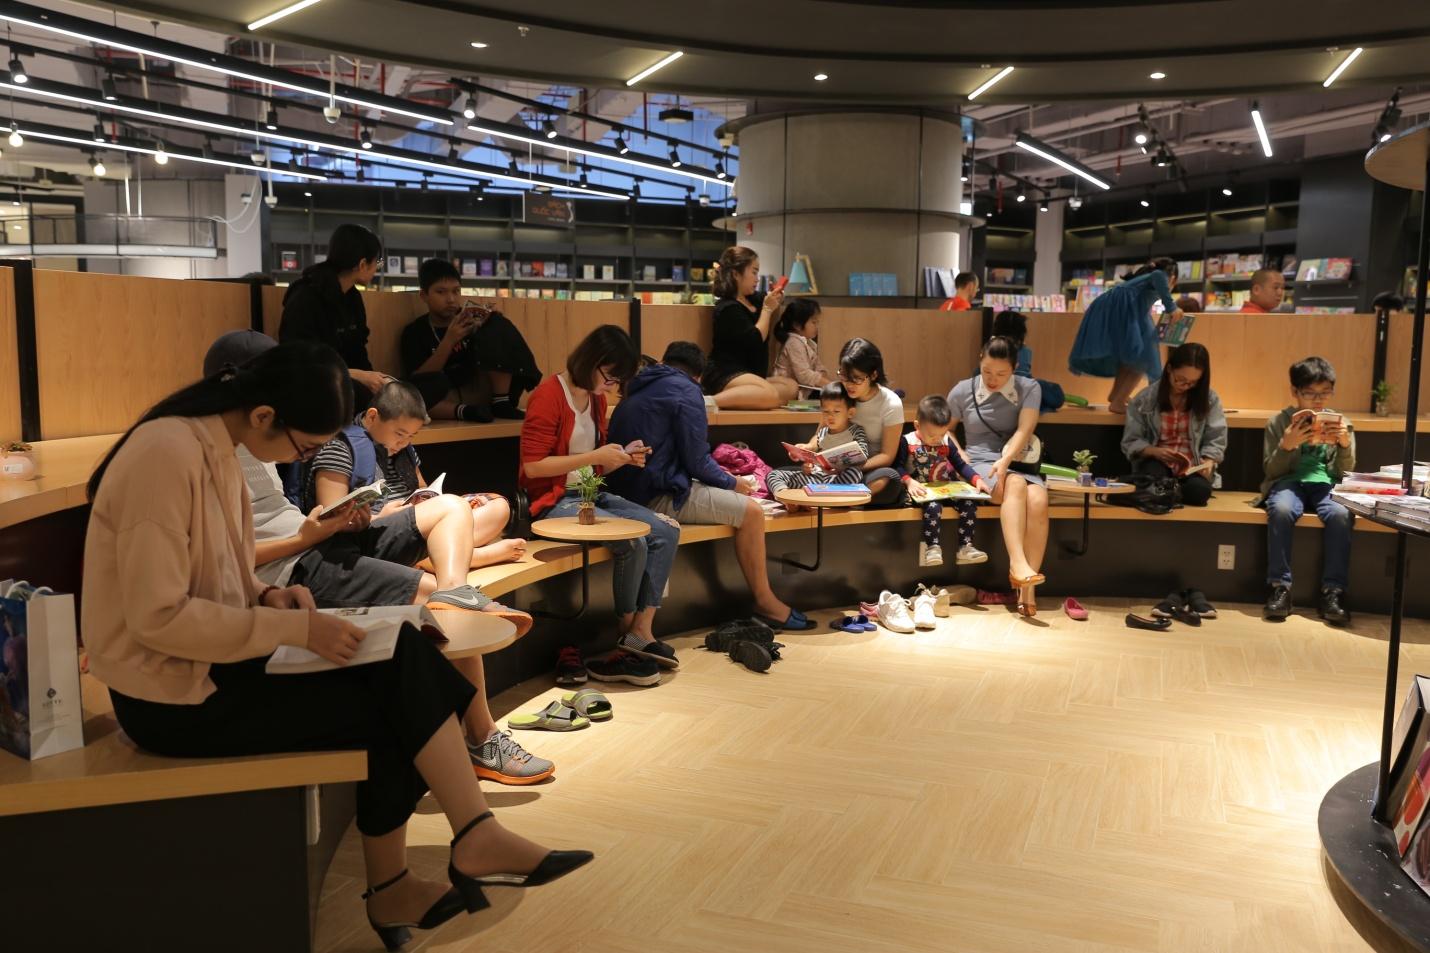 Thiên đường sách mới tại Hà Nội dành cho các bạn trẻ - Ảnh 5.